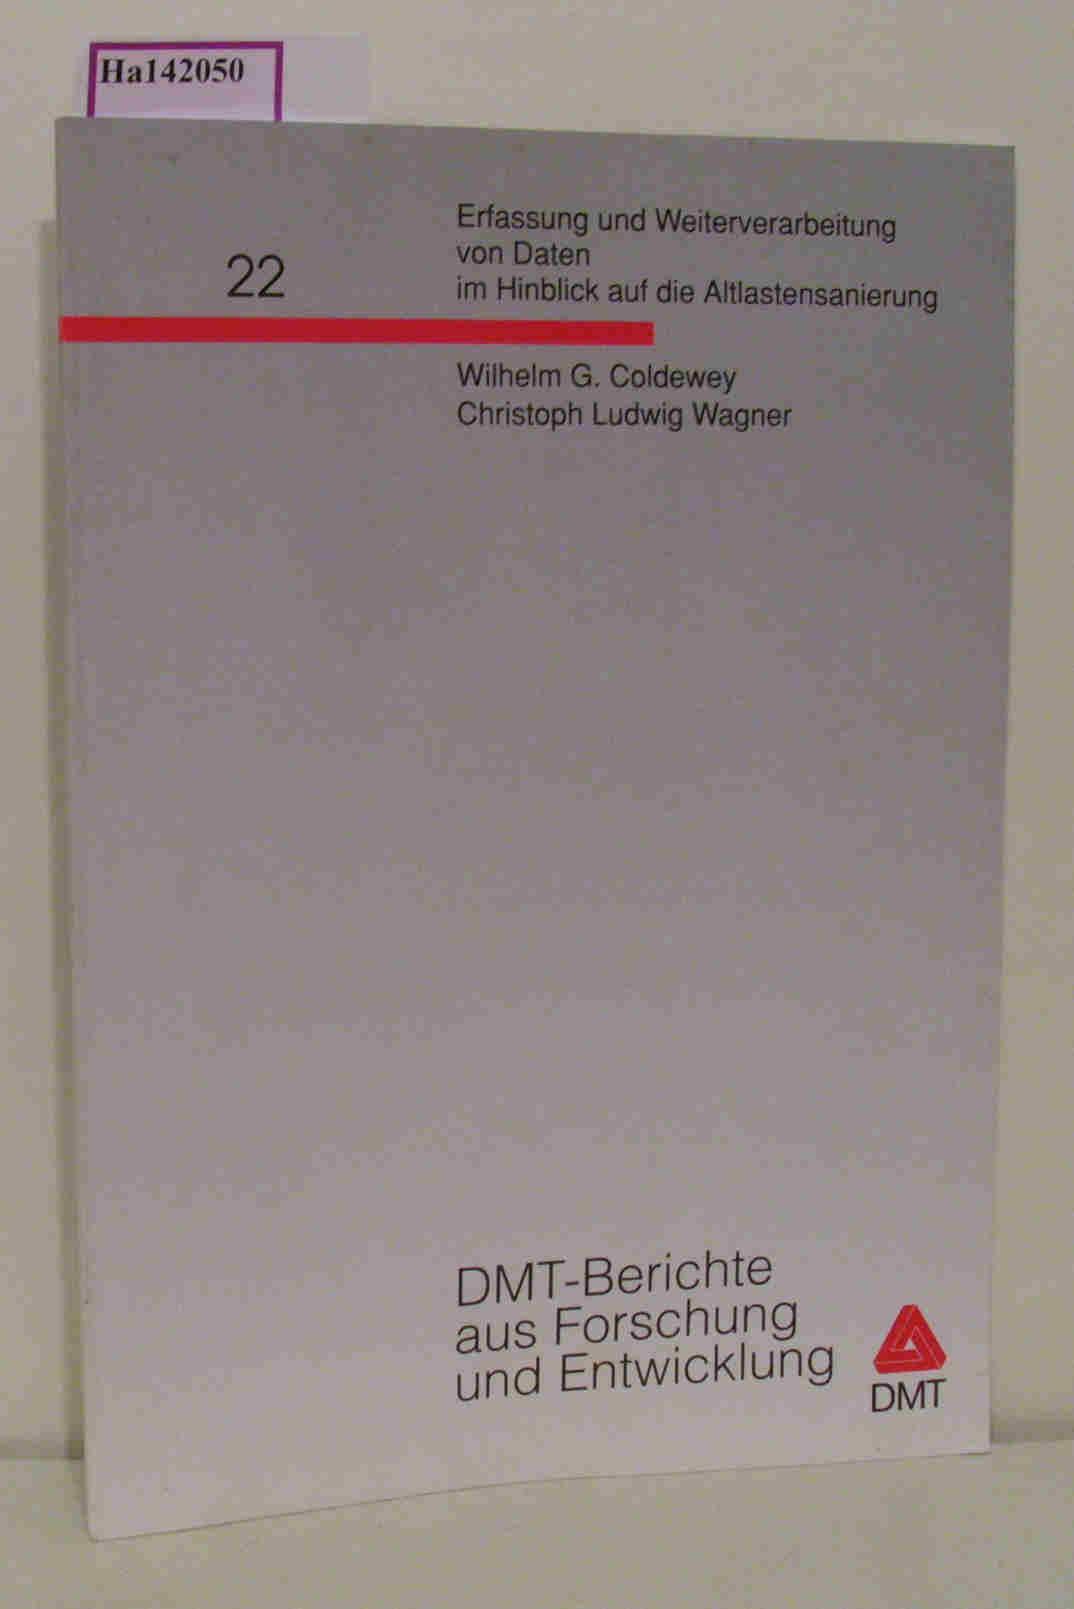 Erfassung und Weiterverarbeitung von Daten im Hinblick auf die Altlastensanierung. ( = DMT- Berichte aus Forschung und Entwicklung, 22) .